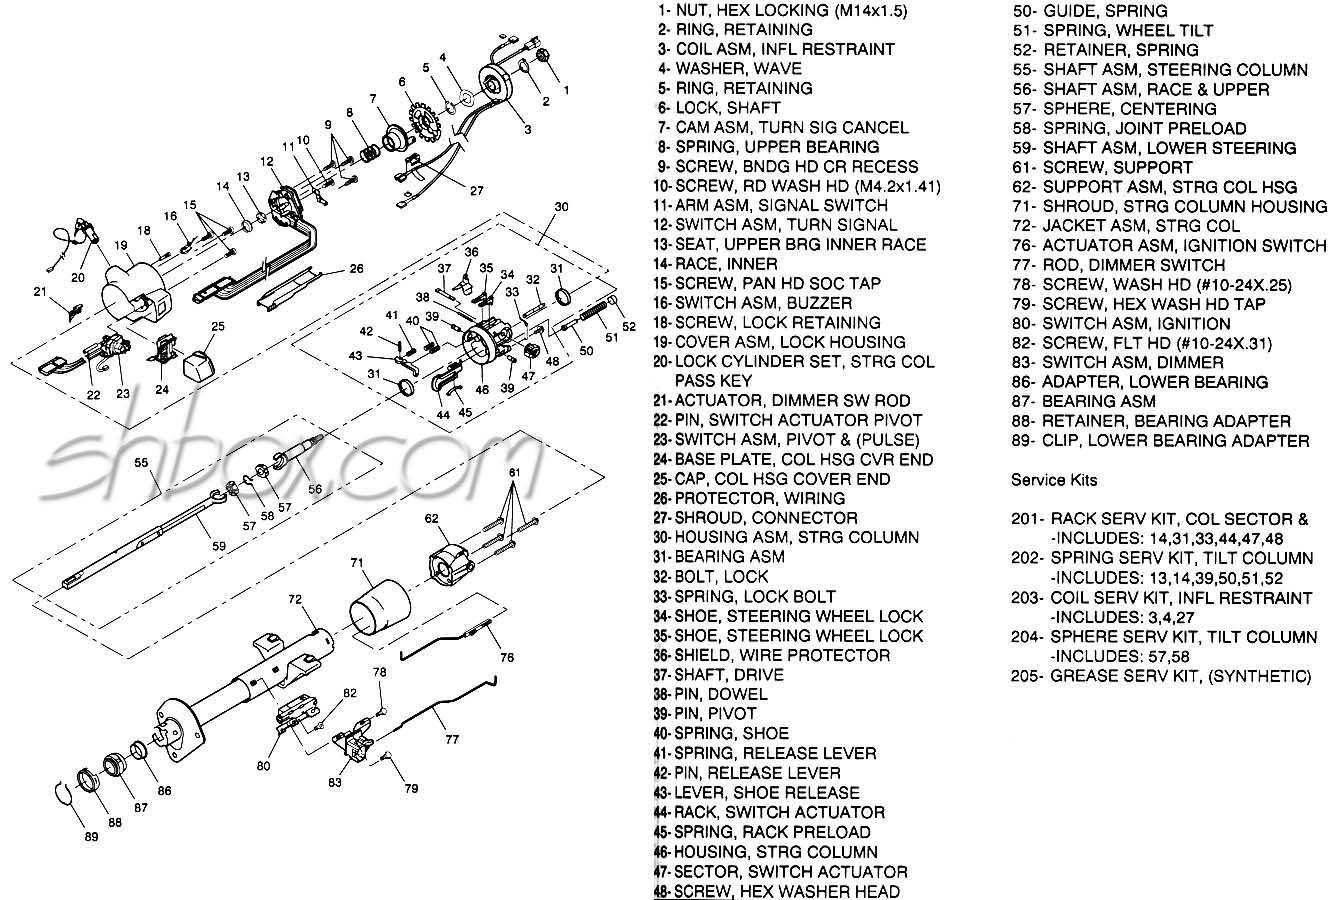 9a52 1969 Firebird Engine Wiring Diagram Schematic Wiring Library